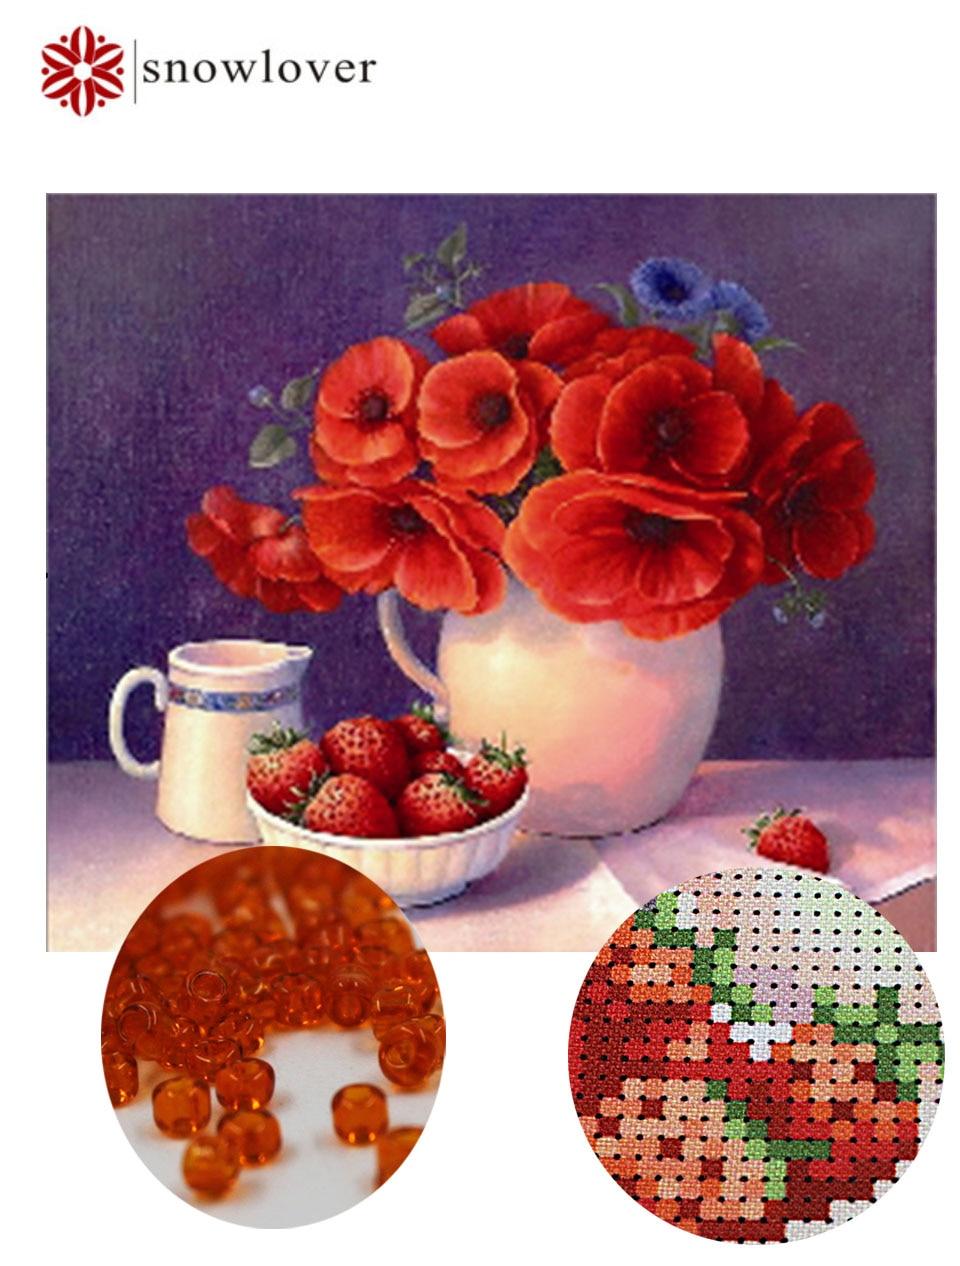 Sniega džemperis, krelles, rokdarbi, DIY krustiņš Krustdūriens, izšūšanas komplekti krustdūrienā, precīzs drukāts ziedu modelis, Ziemassvētku dāvanas